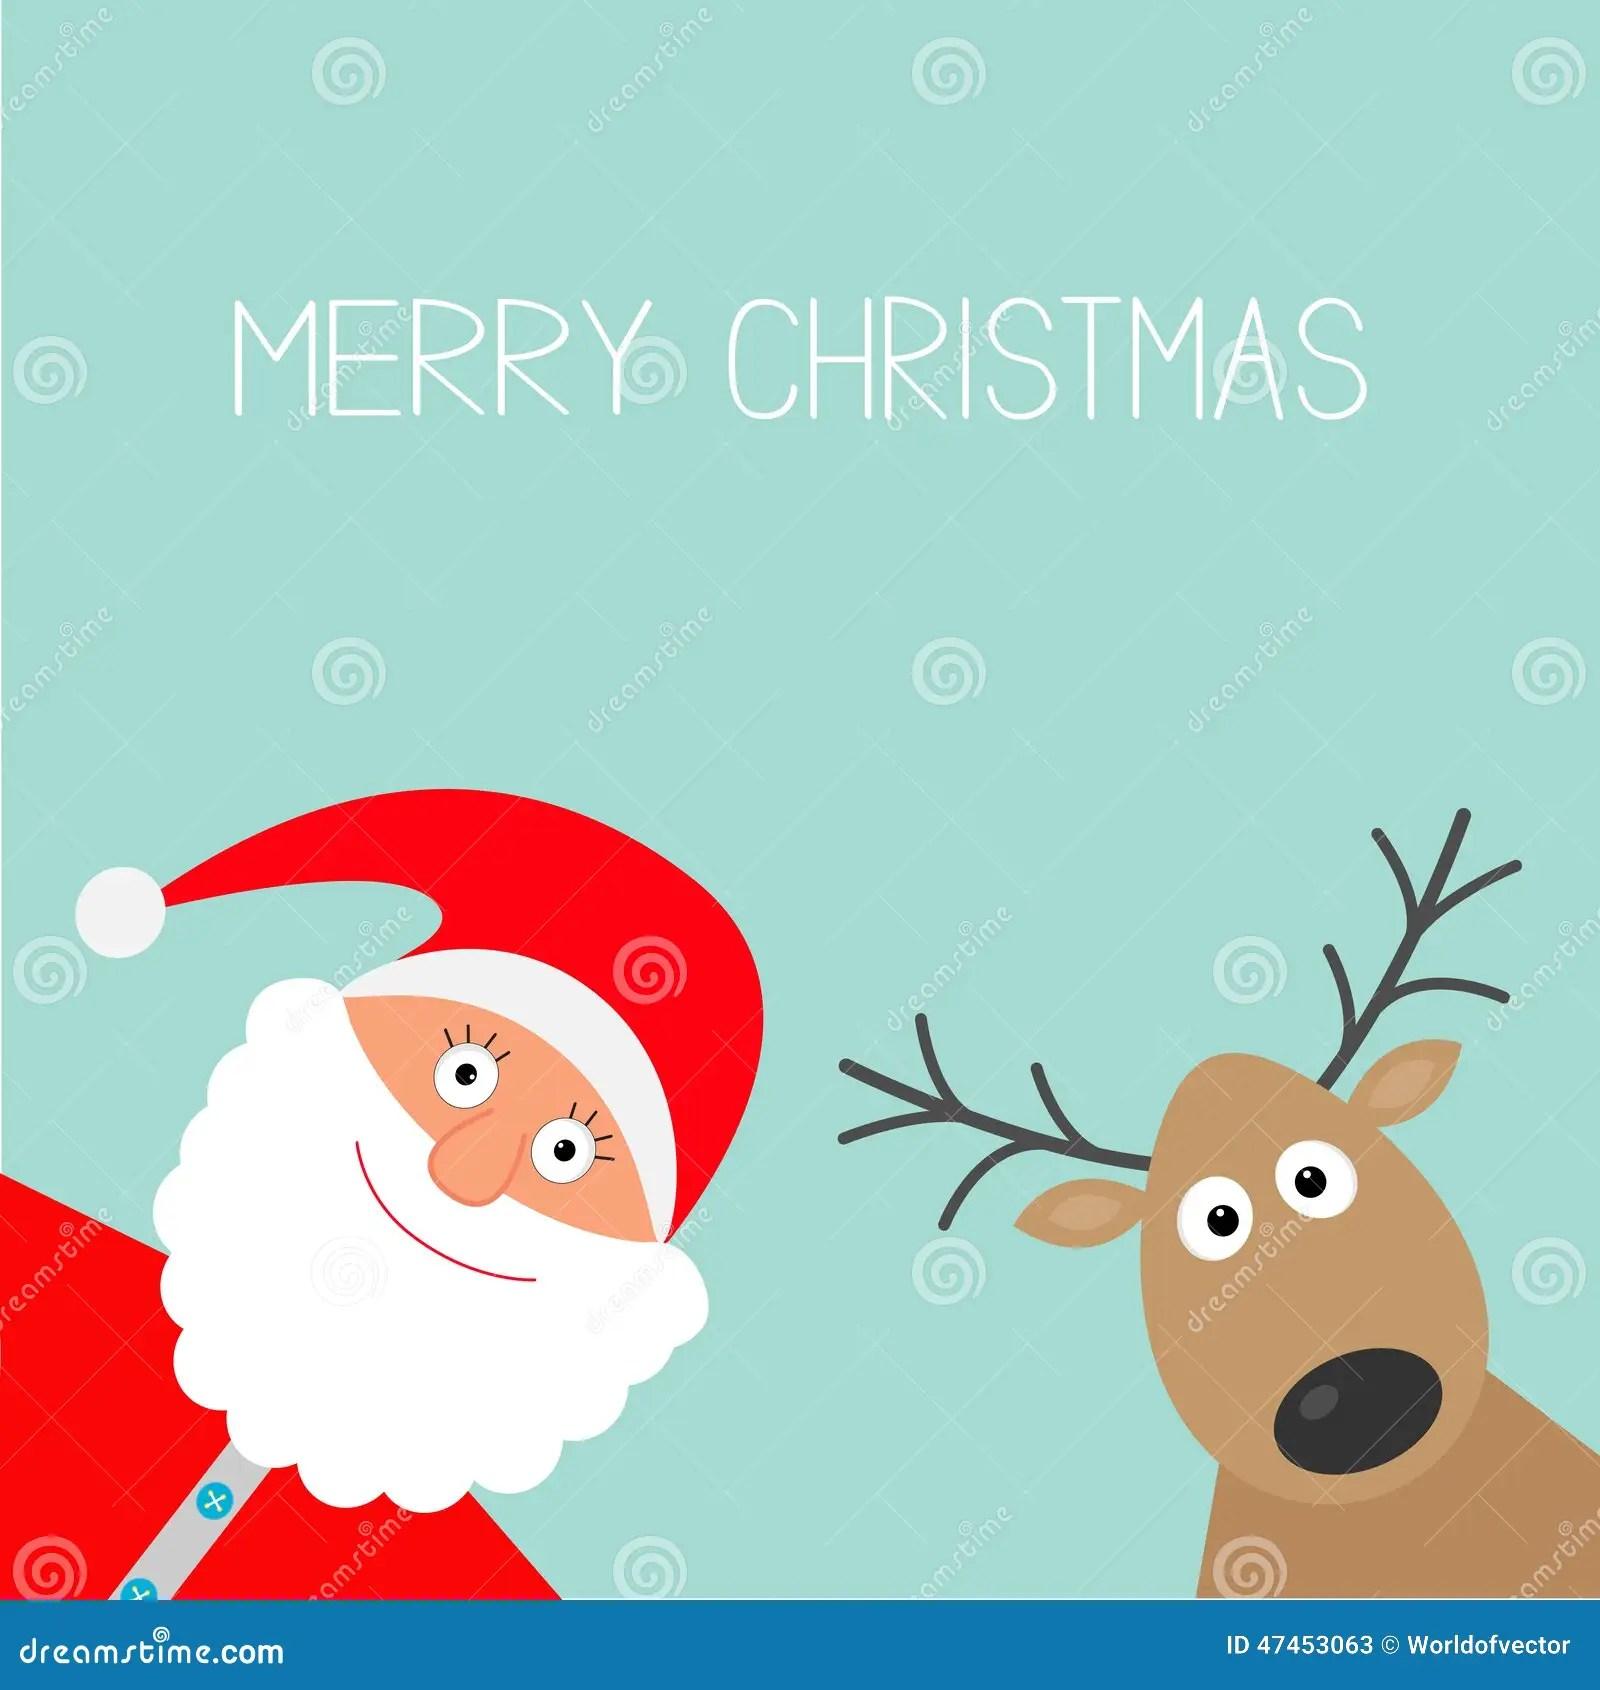 Cute Penguin Wallpaper Cartoon Cartoon Santa Claus And Deer Merry Christmas Card Flat